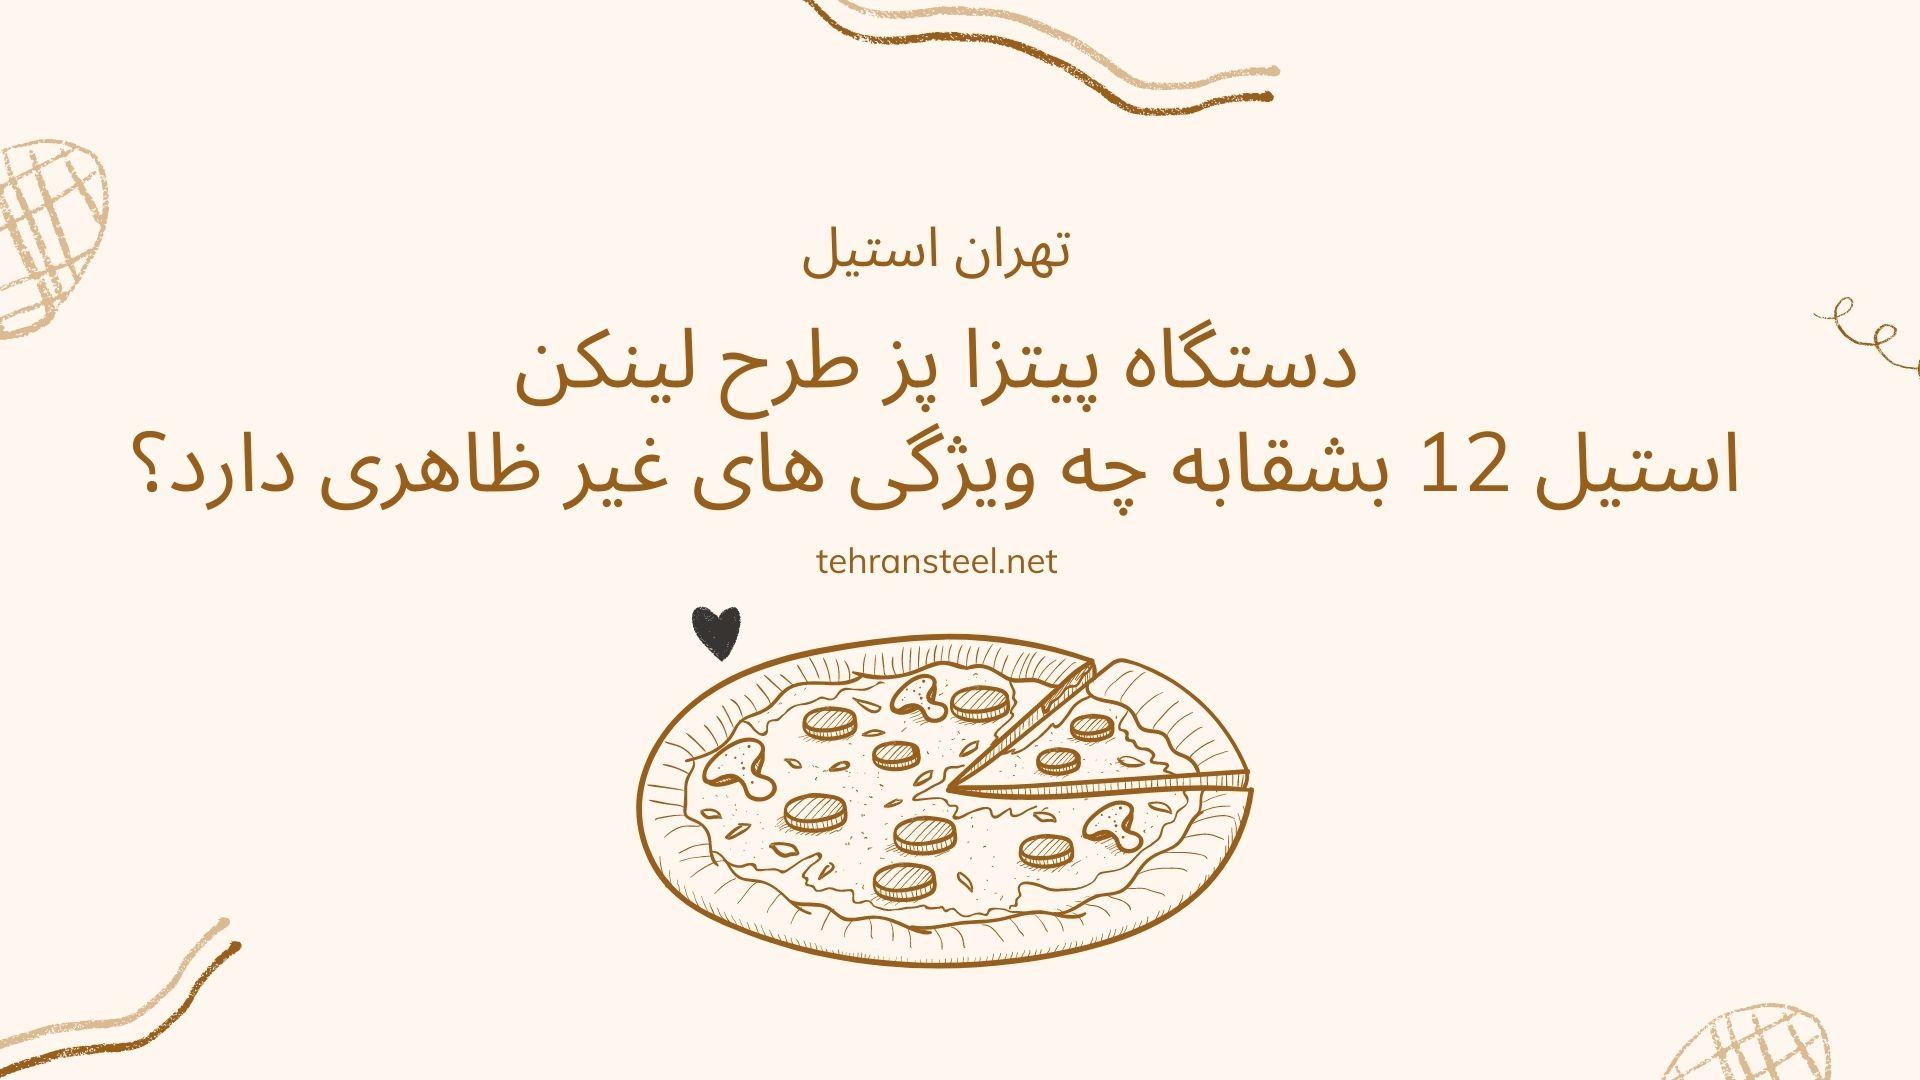 دستگاه پیتزا پز طرح لینکن استیل 12 بشقابه چه ویژگی های غیر ظاهری دارد؟